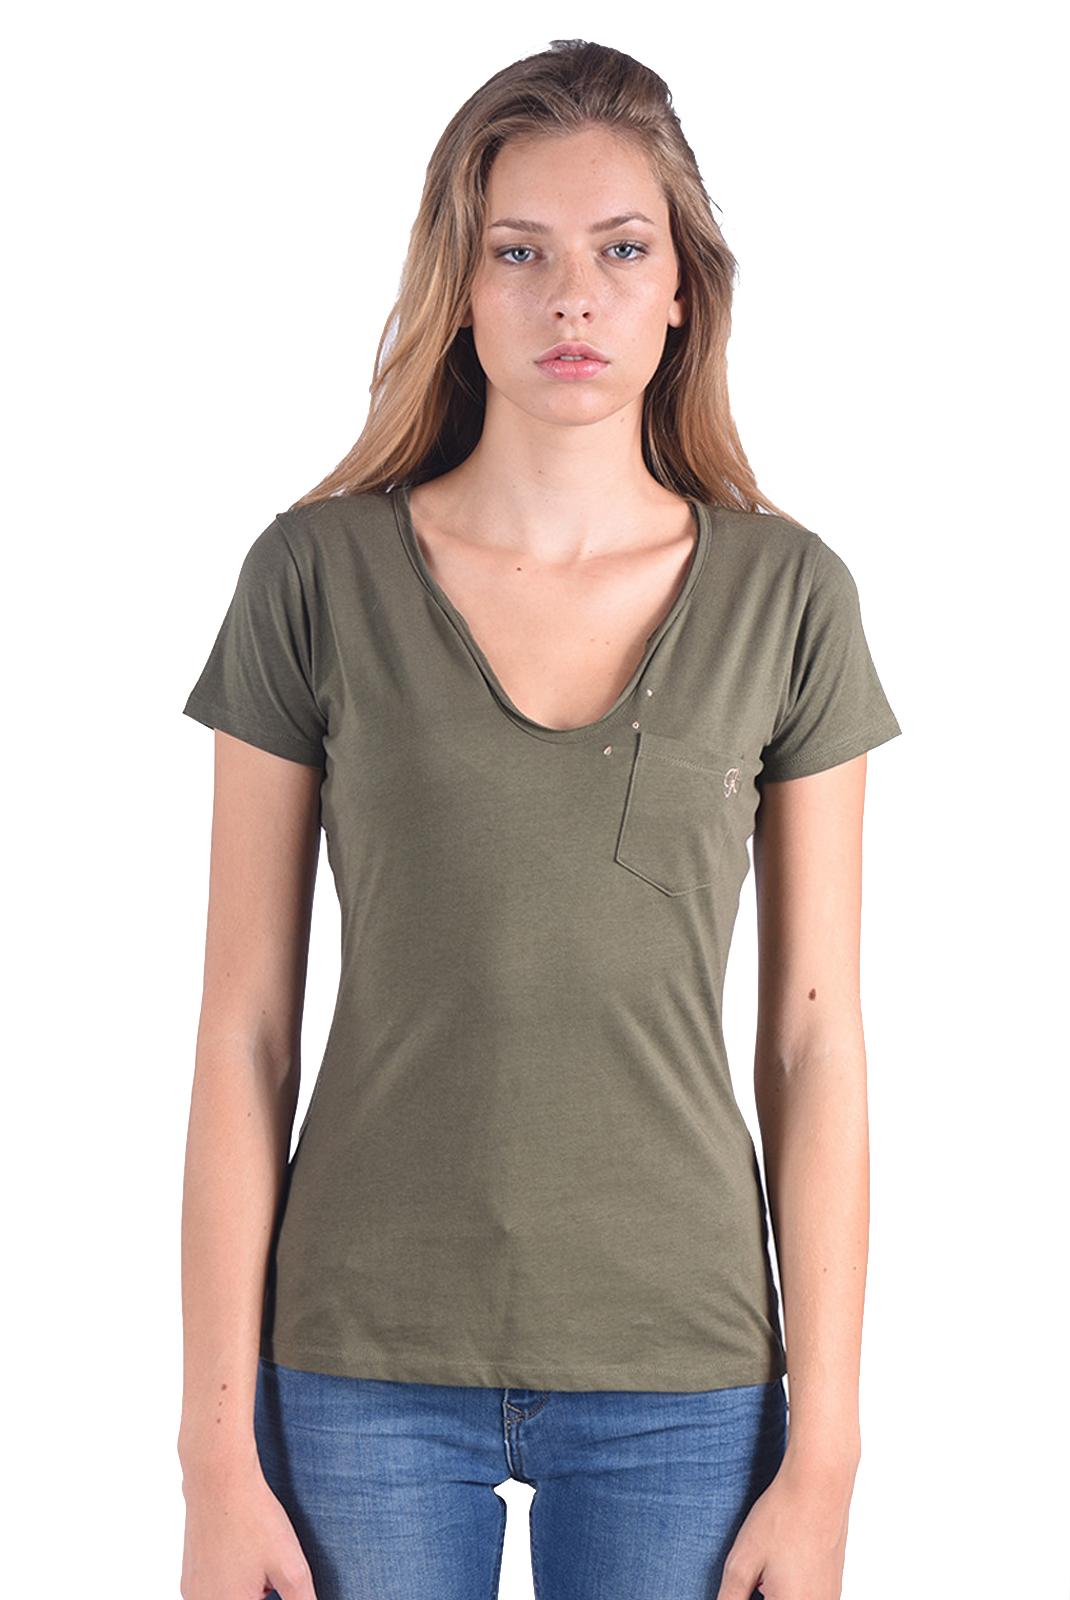 Tee shirt  Kaporal TECIL H18W11 CAMP